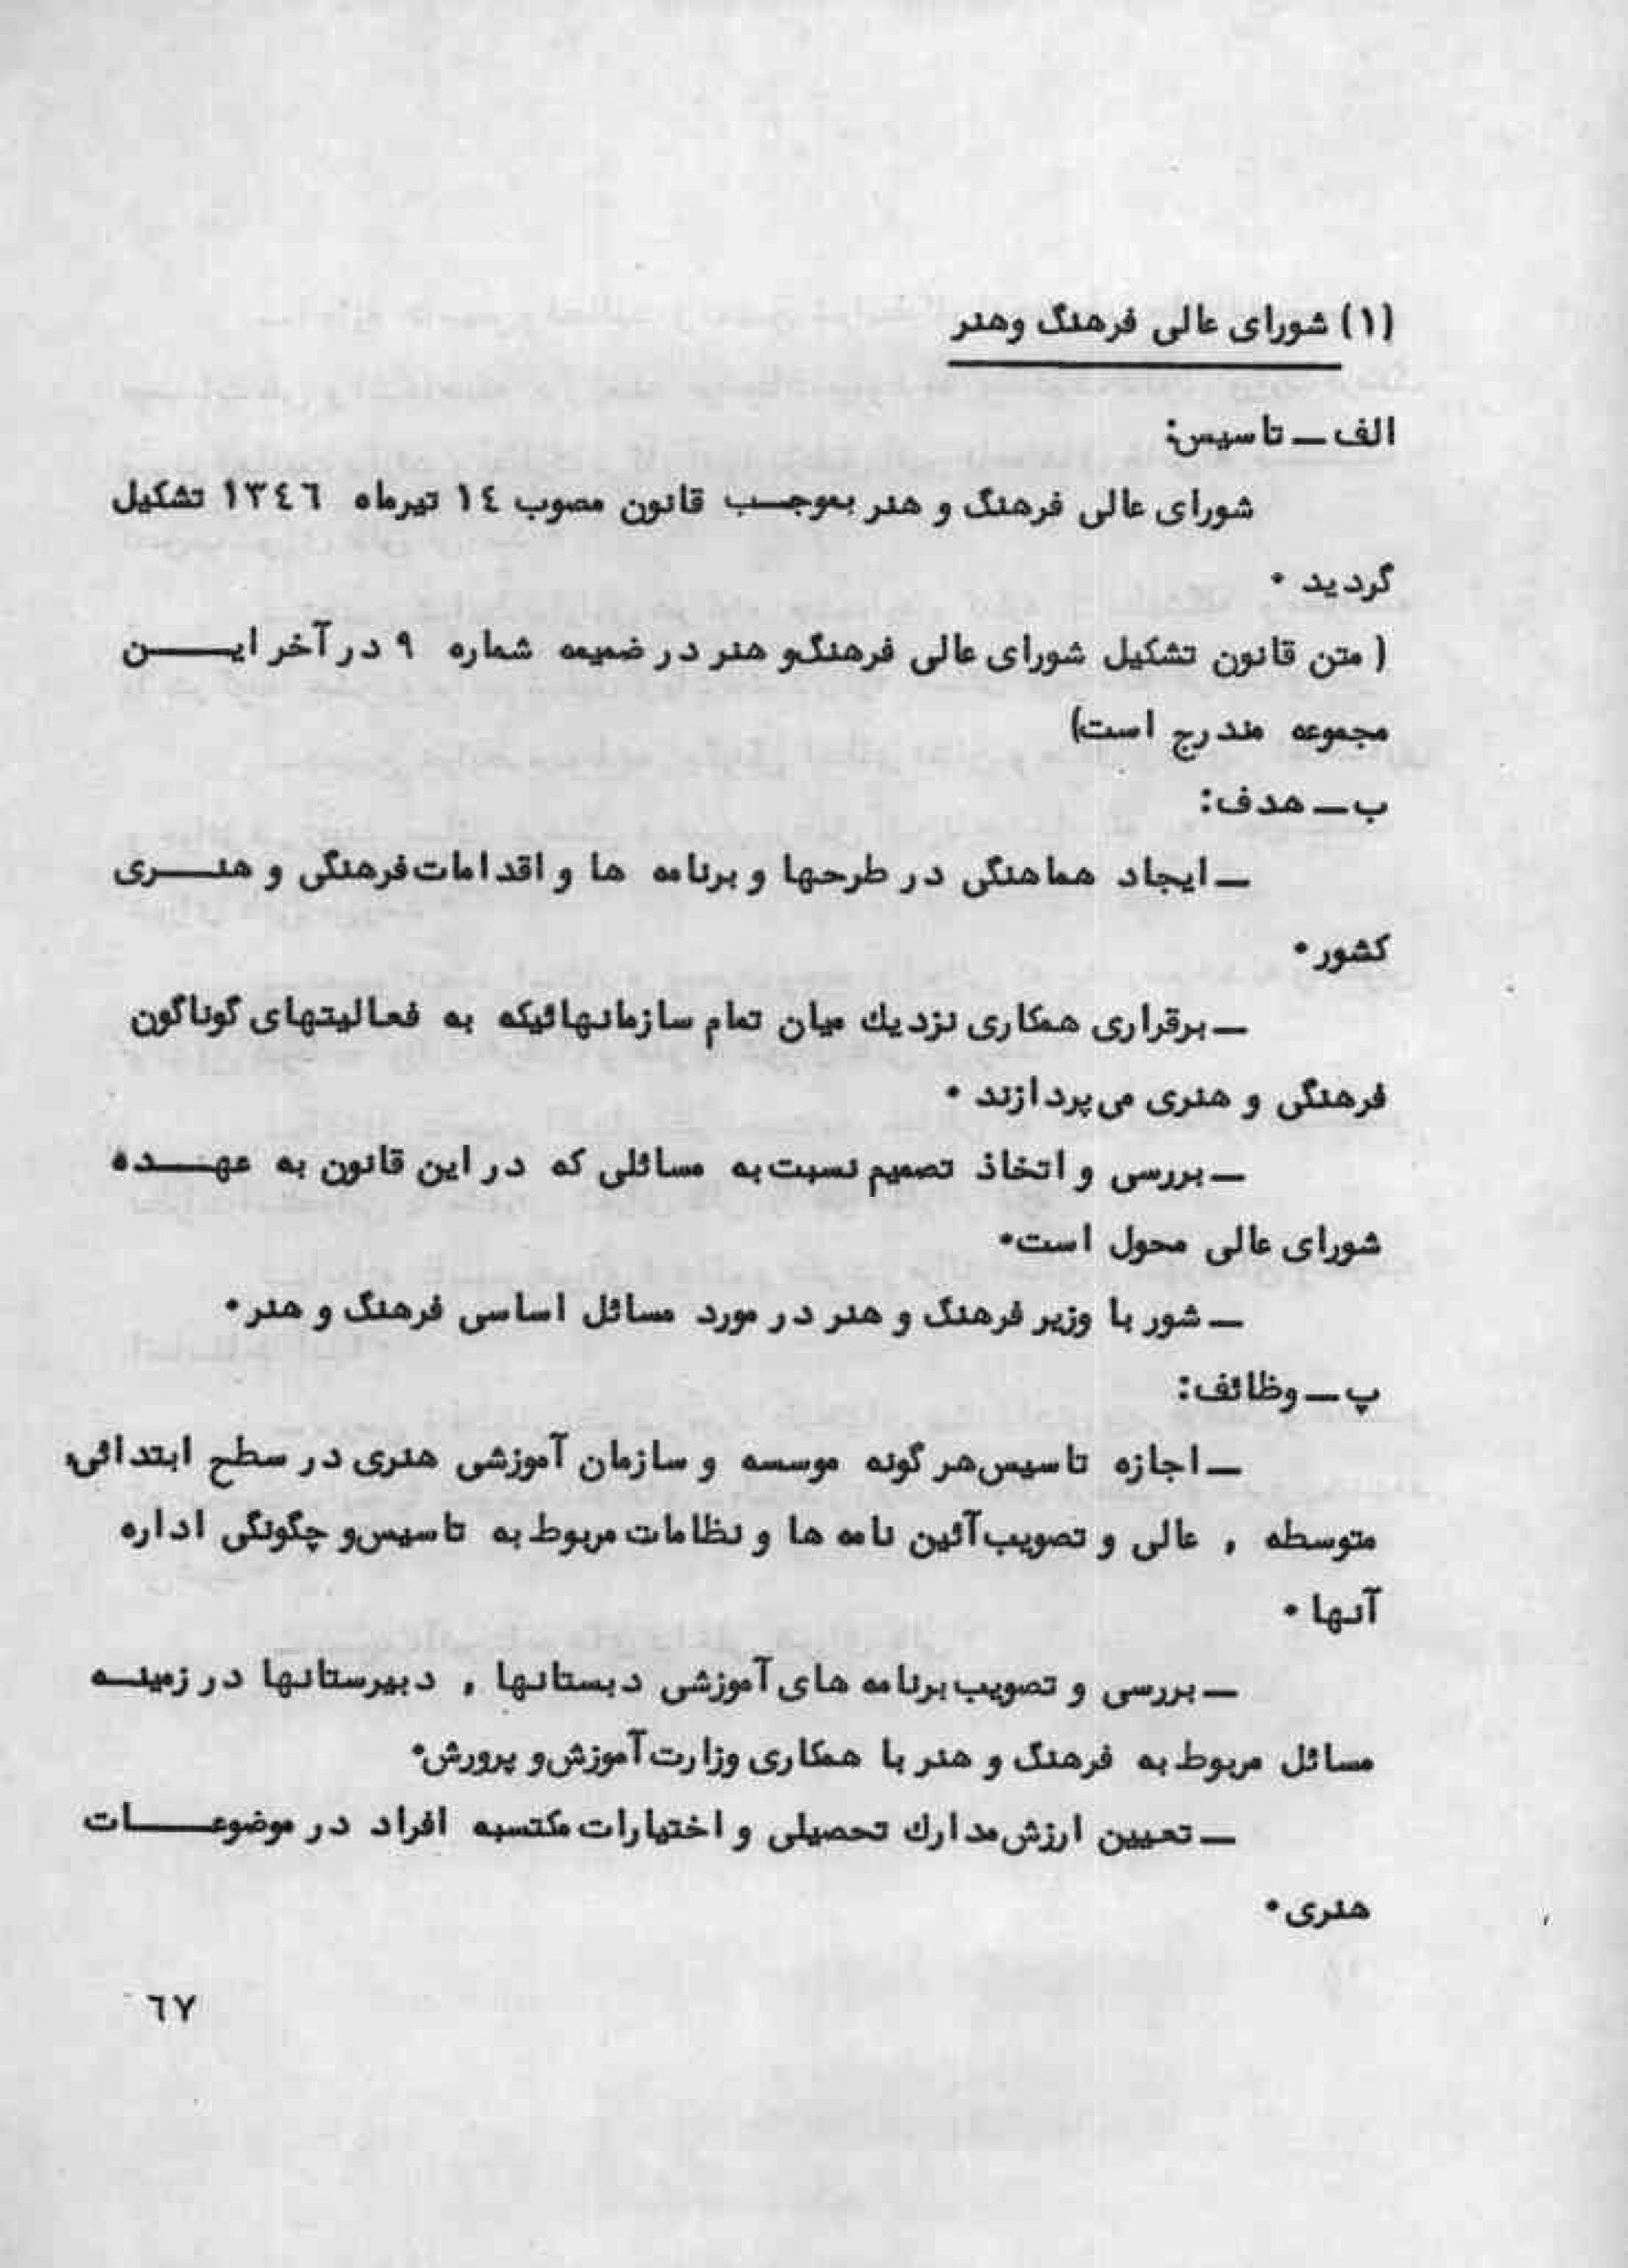 شورای عالی فرهنگ و هنر و مرکز مطالعات و هماهنگیهای فرهنگی